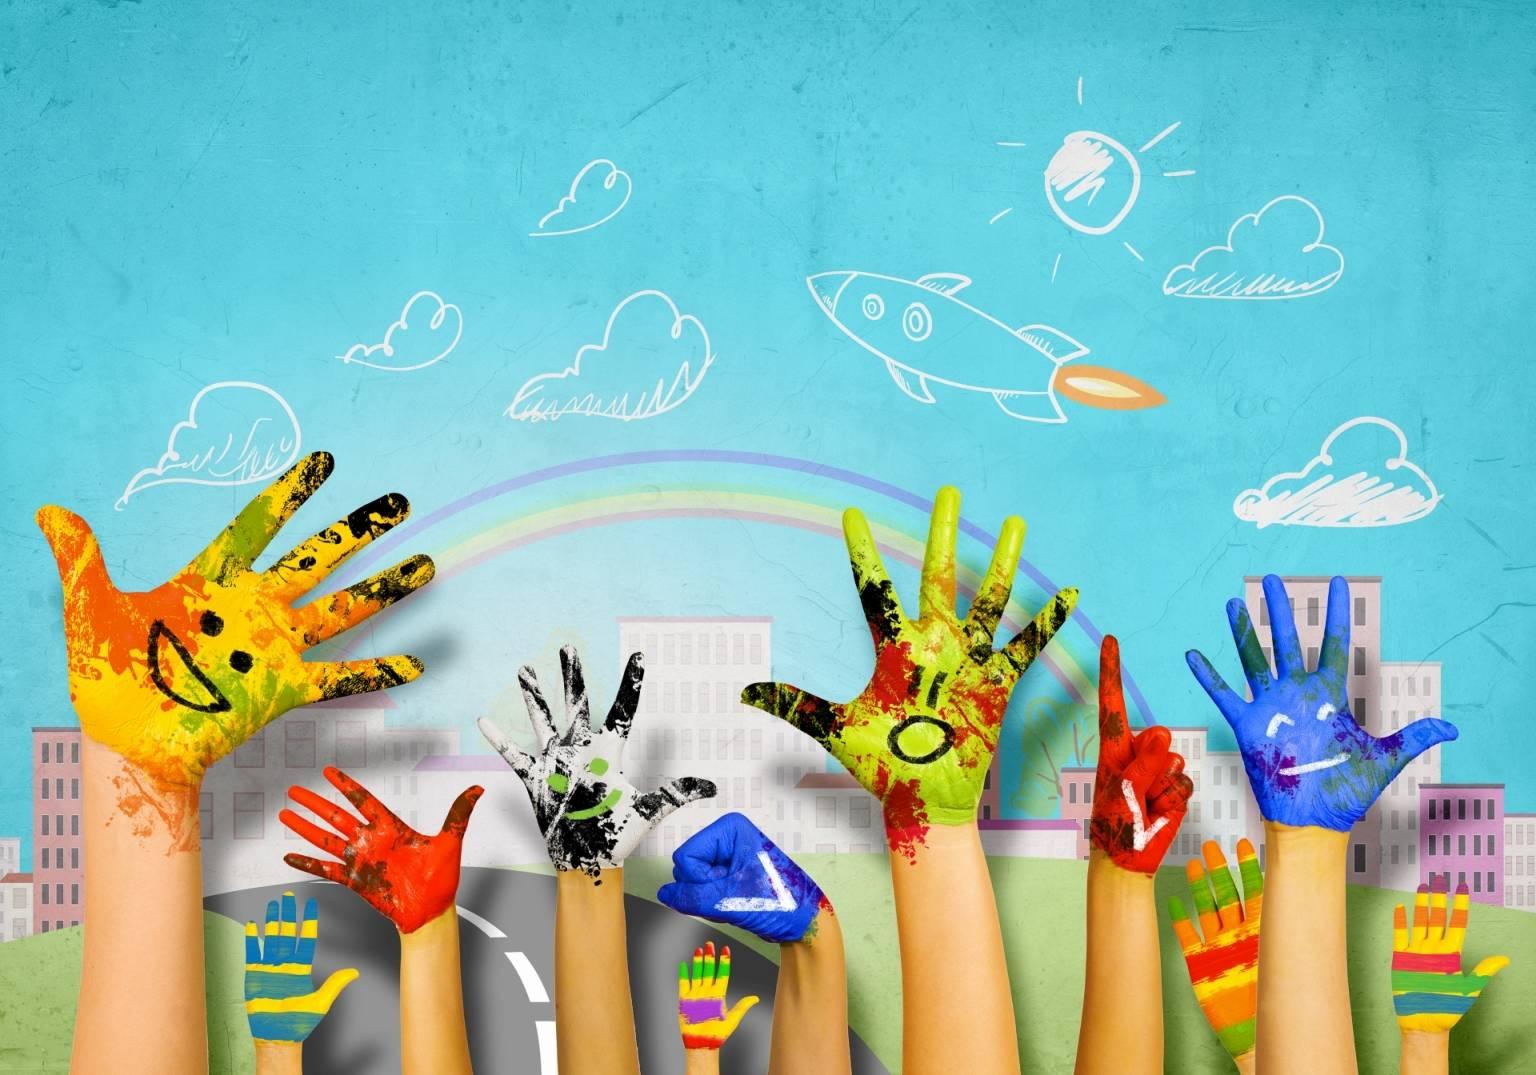 Pasożyty u dzieci - jakie są objawy i jak je leczyć? Pomalowane kolorowymi farbami dziecięce dłonie na tle rysunku przedstawiającego niebieskie niebo, chmury i tęczę.